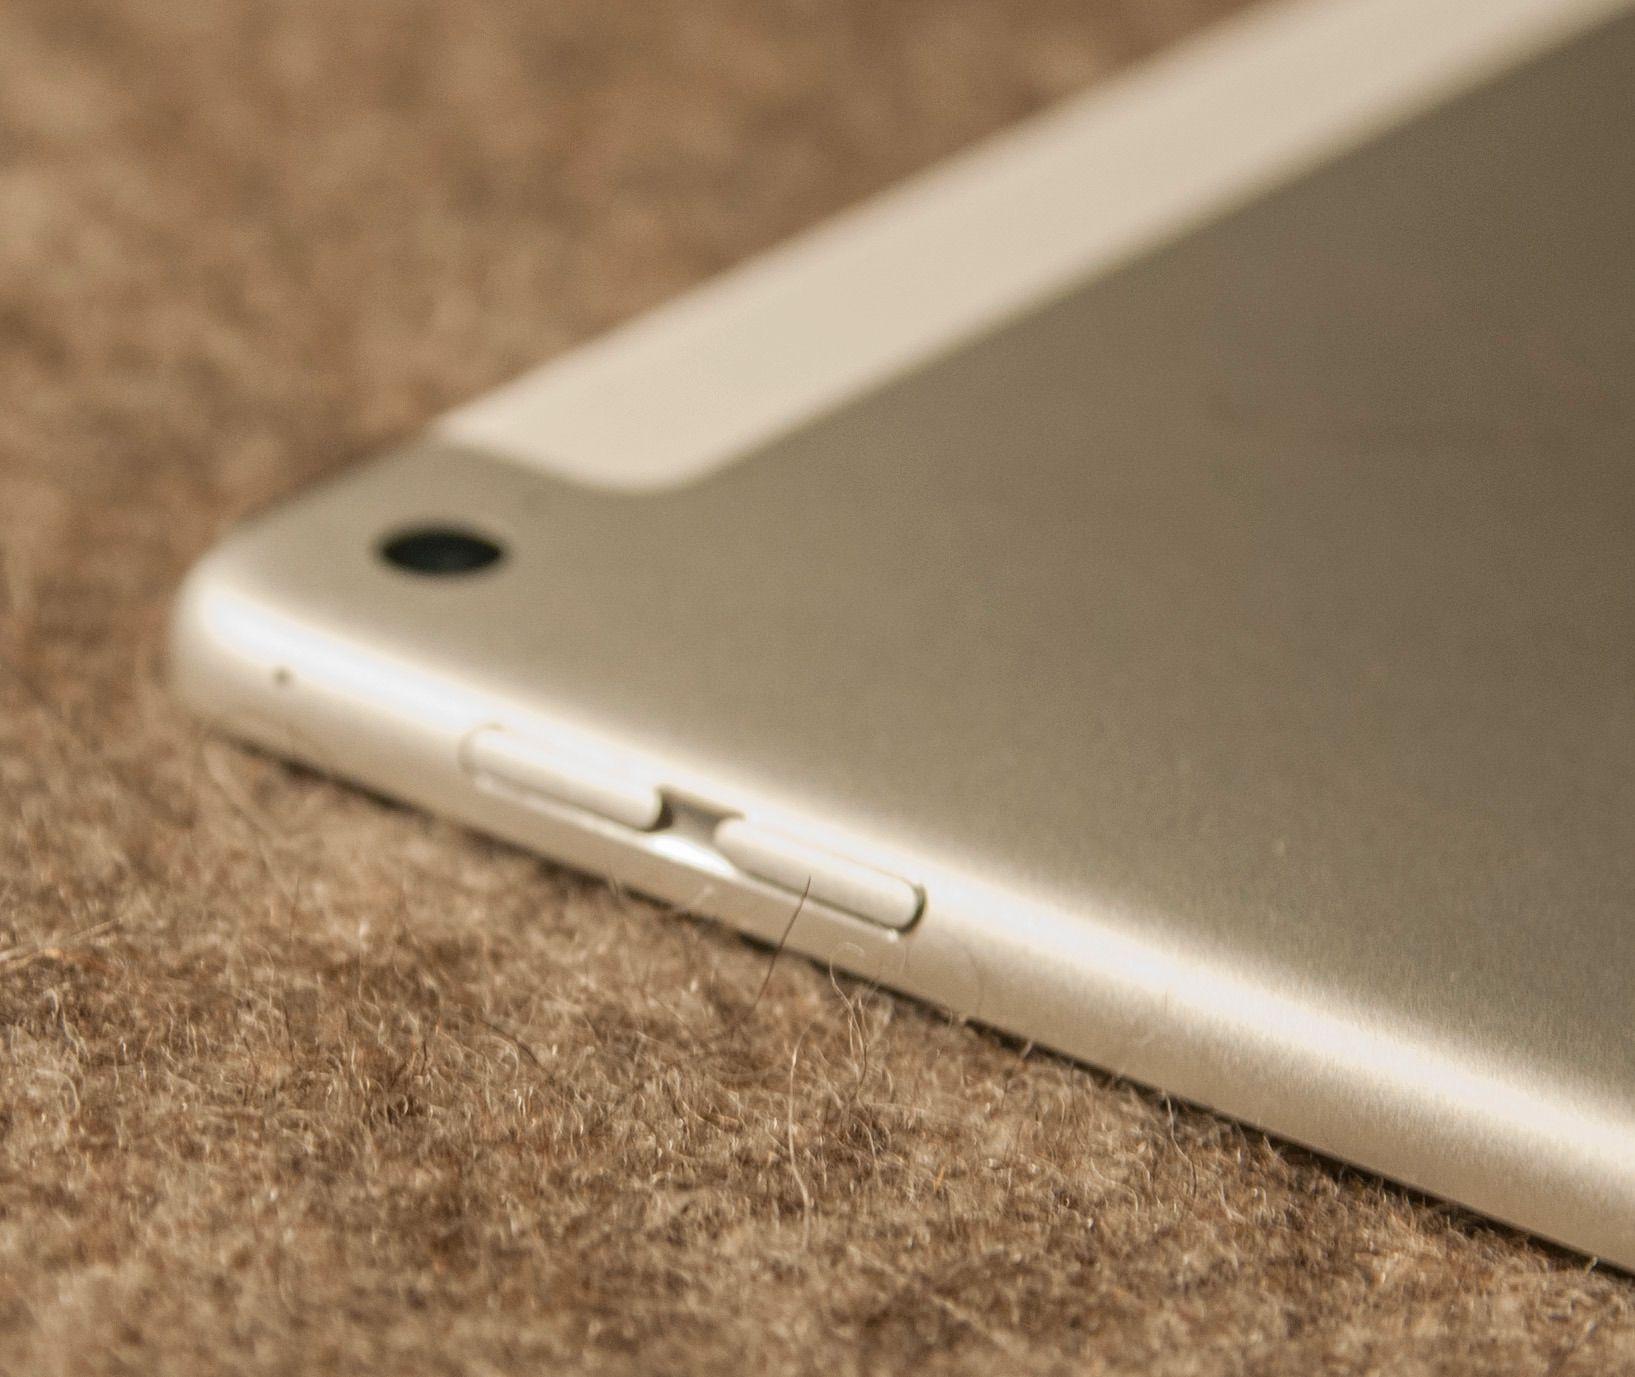 Den velkjente skyvebryteren fra tidligere generasjoner iPad er vekk.Foto: Finn Jarle Kvalheim, Tek.no